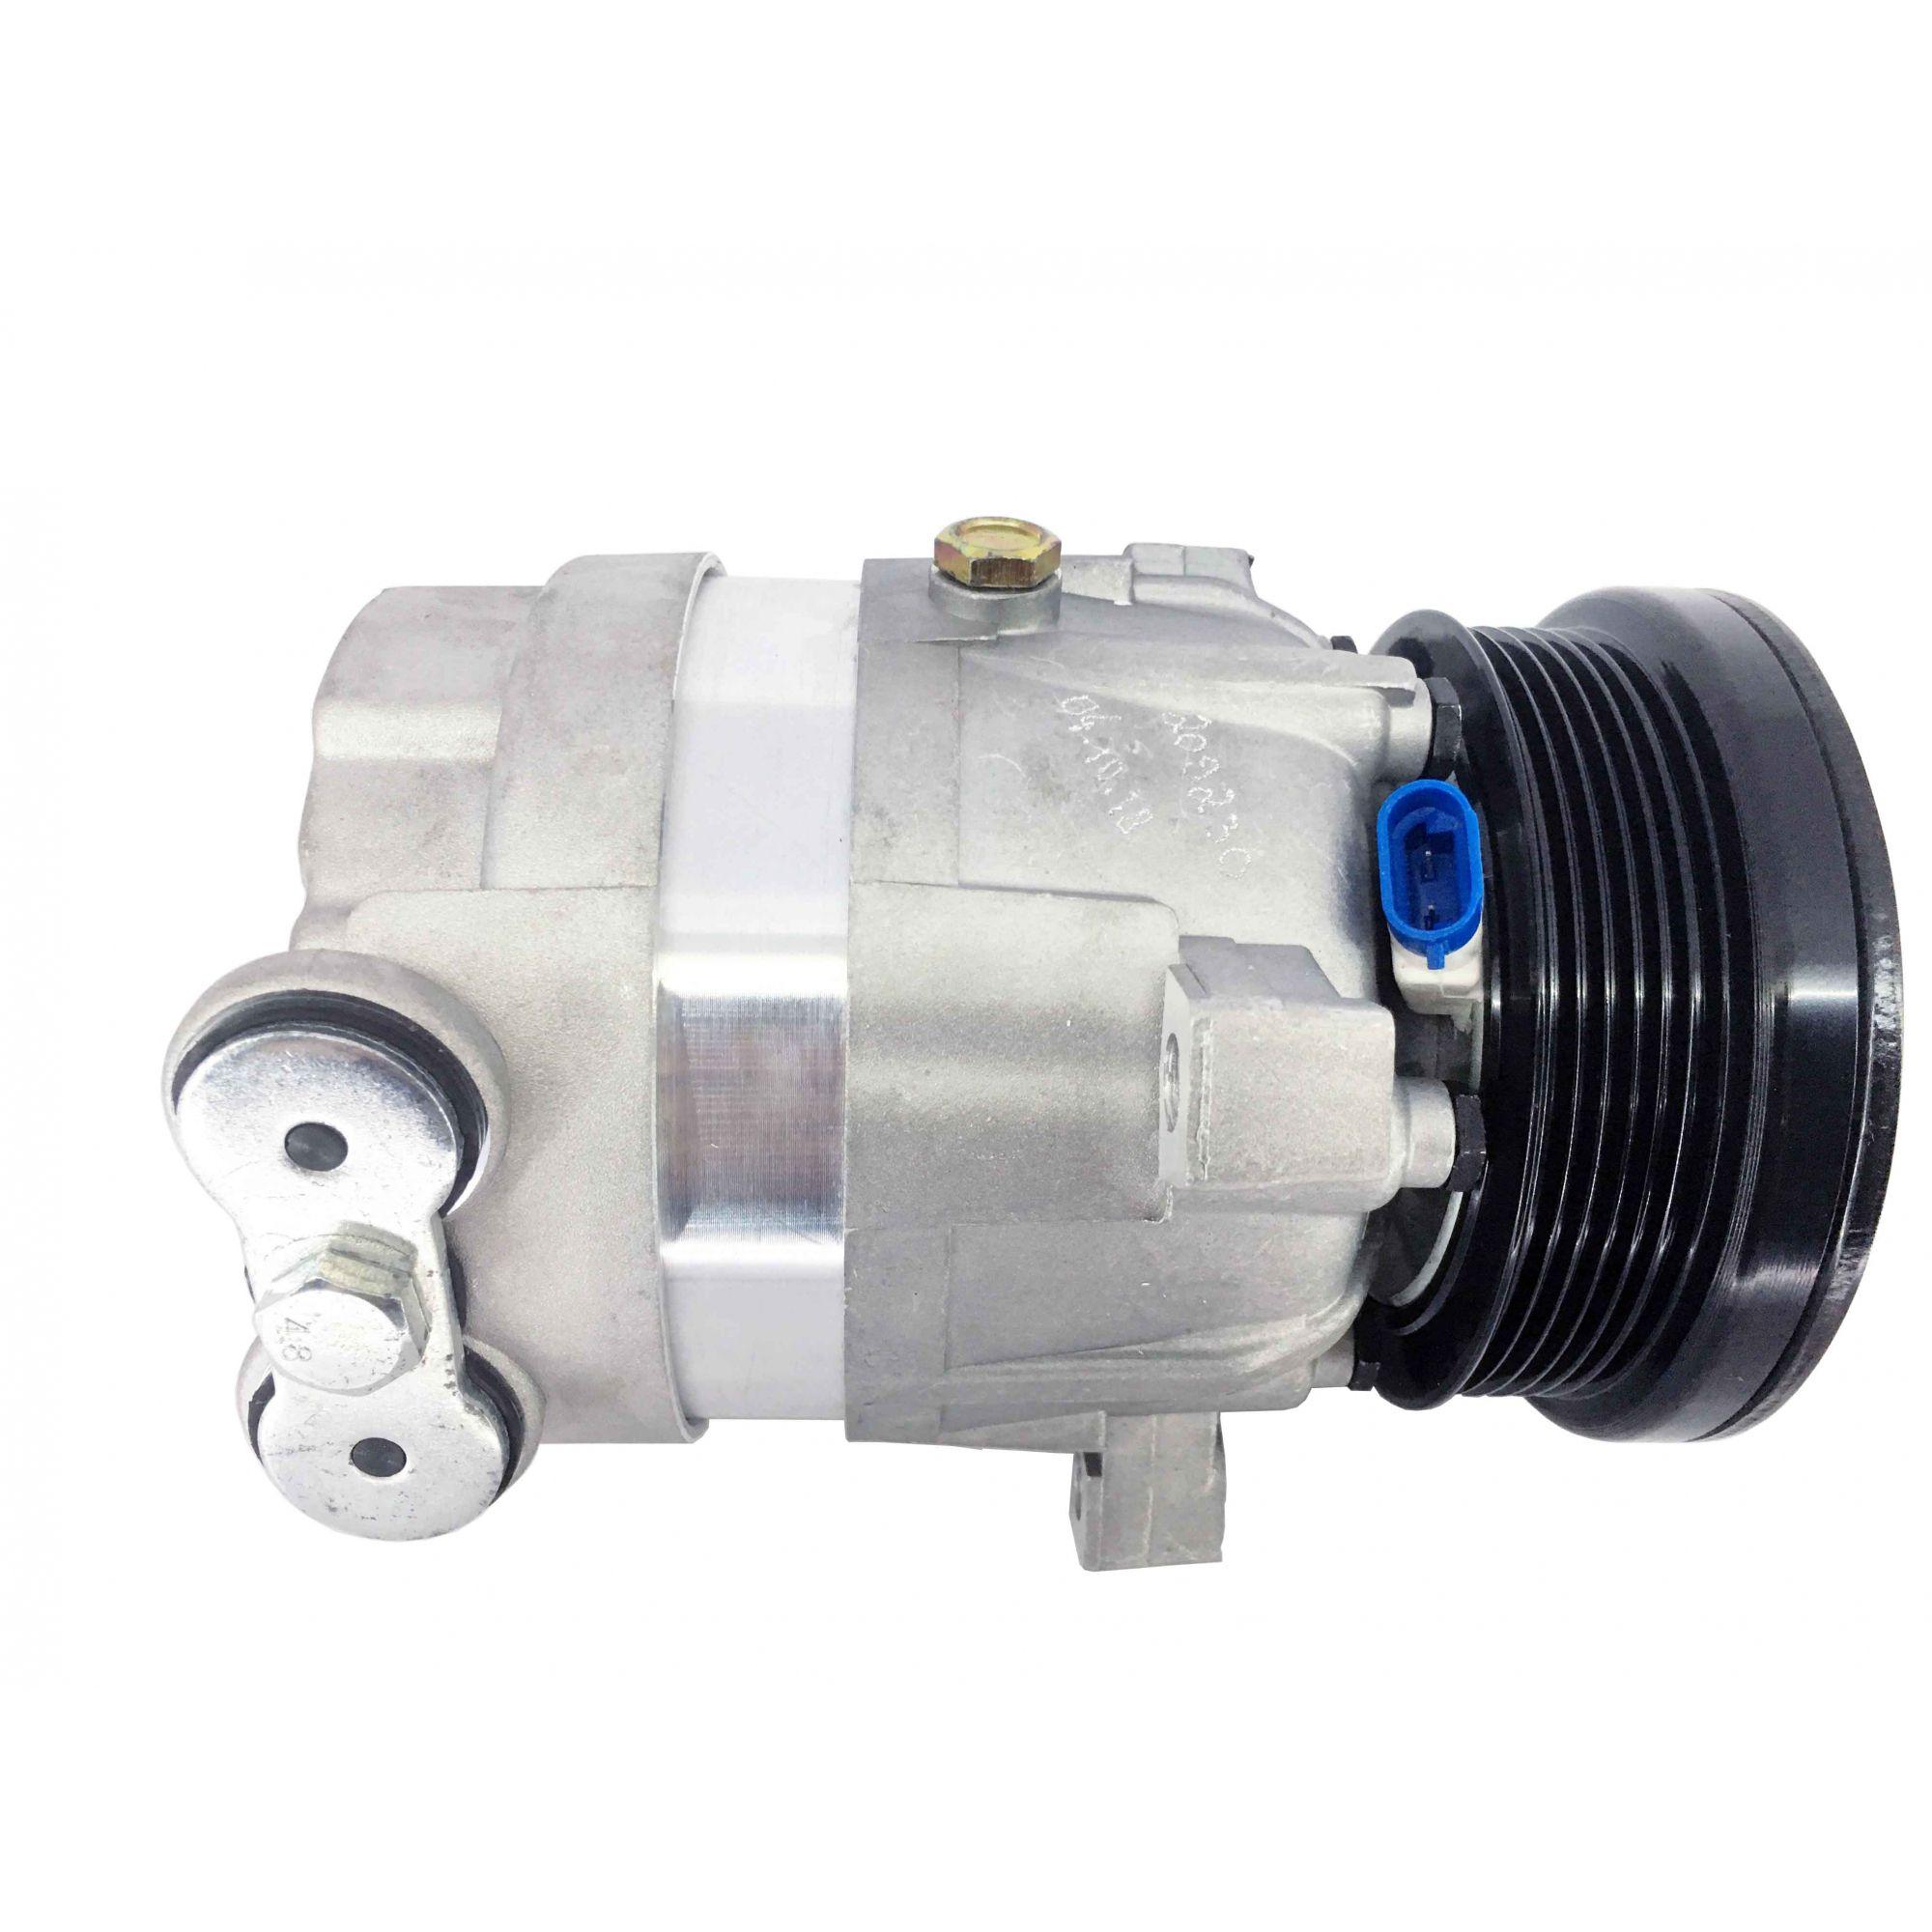 Compressor Astra / Vectra Antigo - Importado